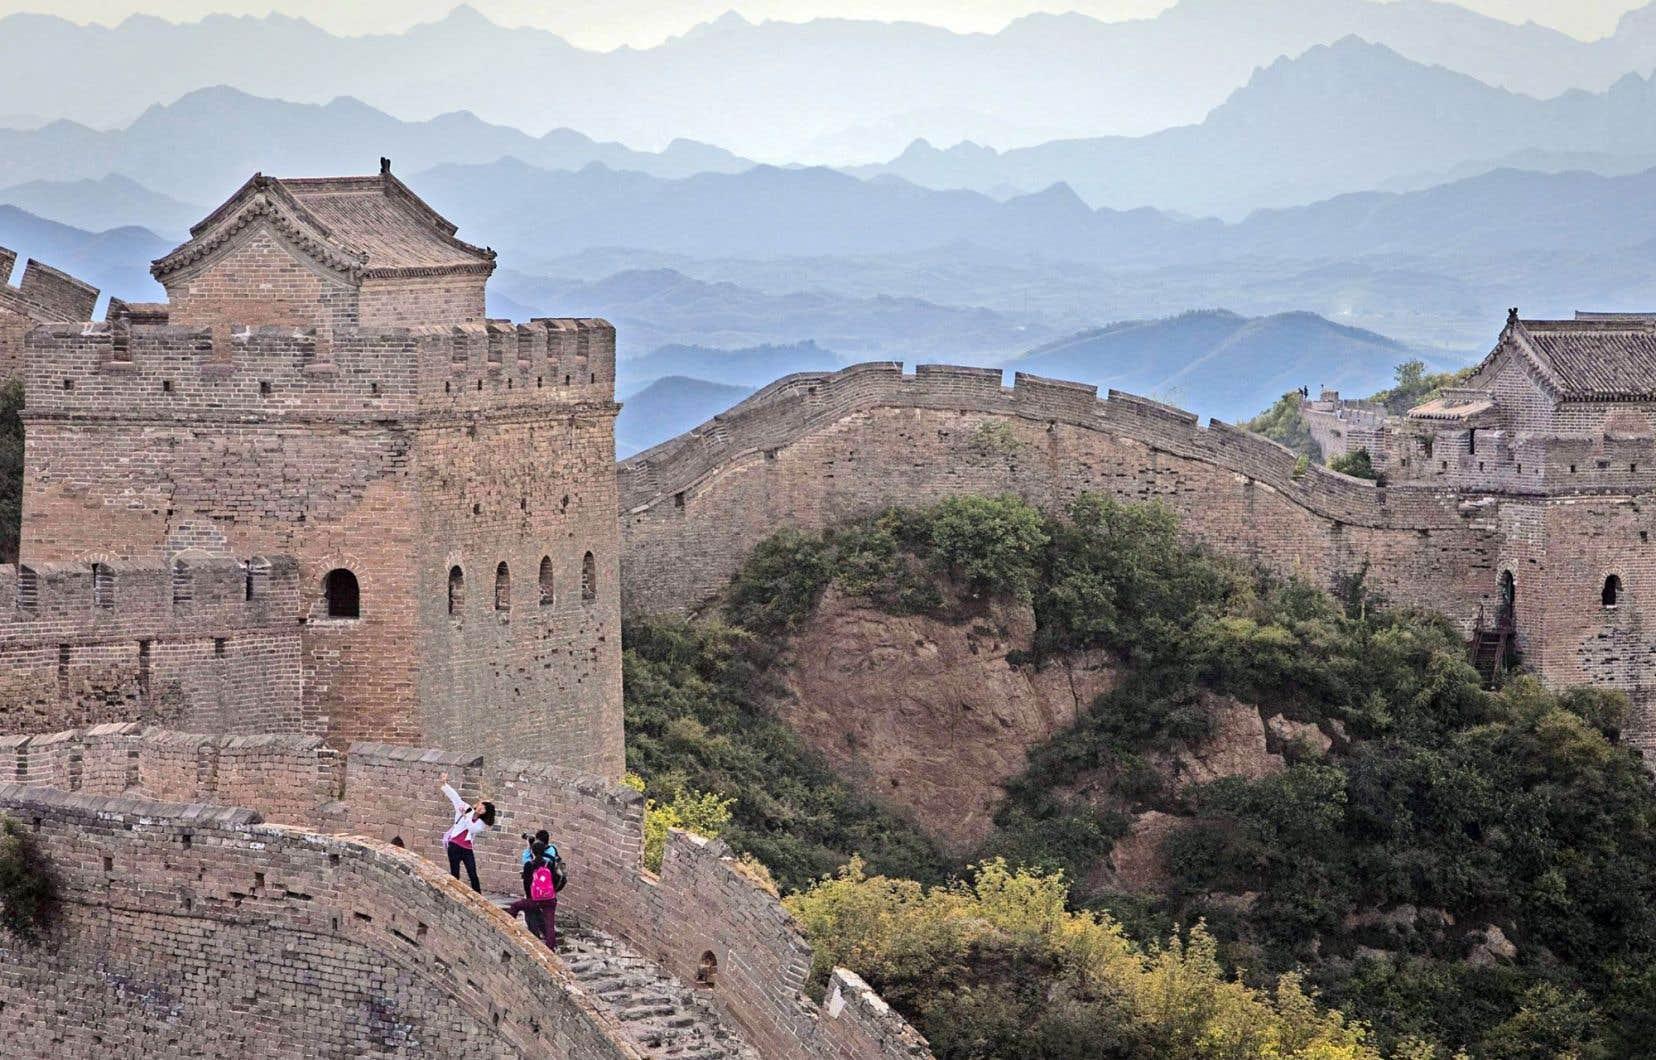 Le Parti communiste chinois, au pouvoir depuis 1949, serait en grande partie responsable de la dégradation récente de la Grande Muraille.